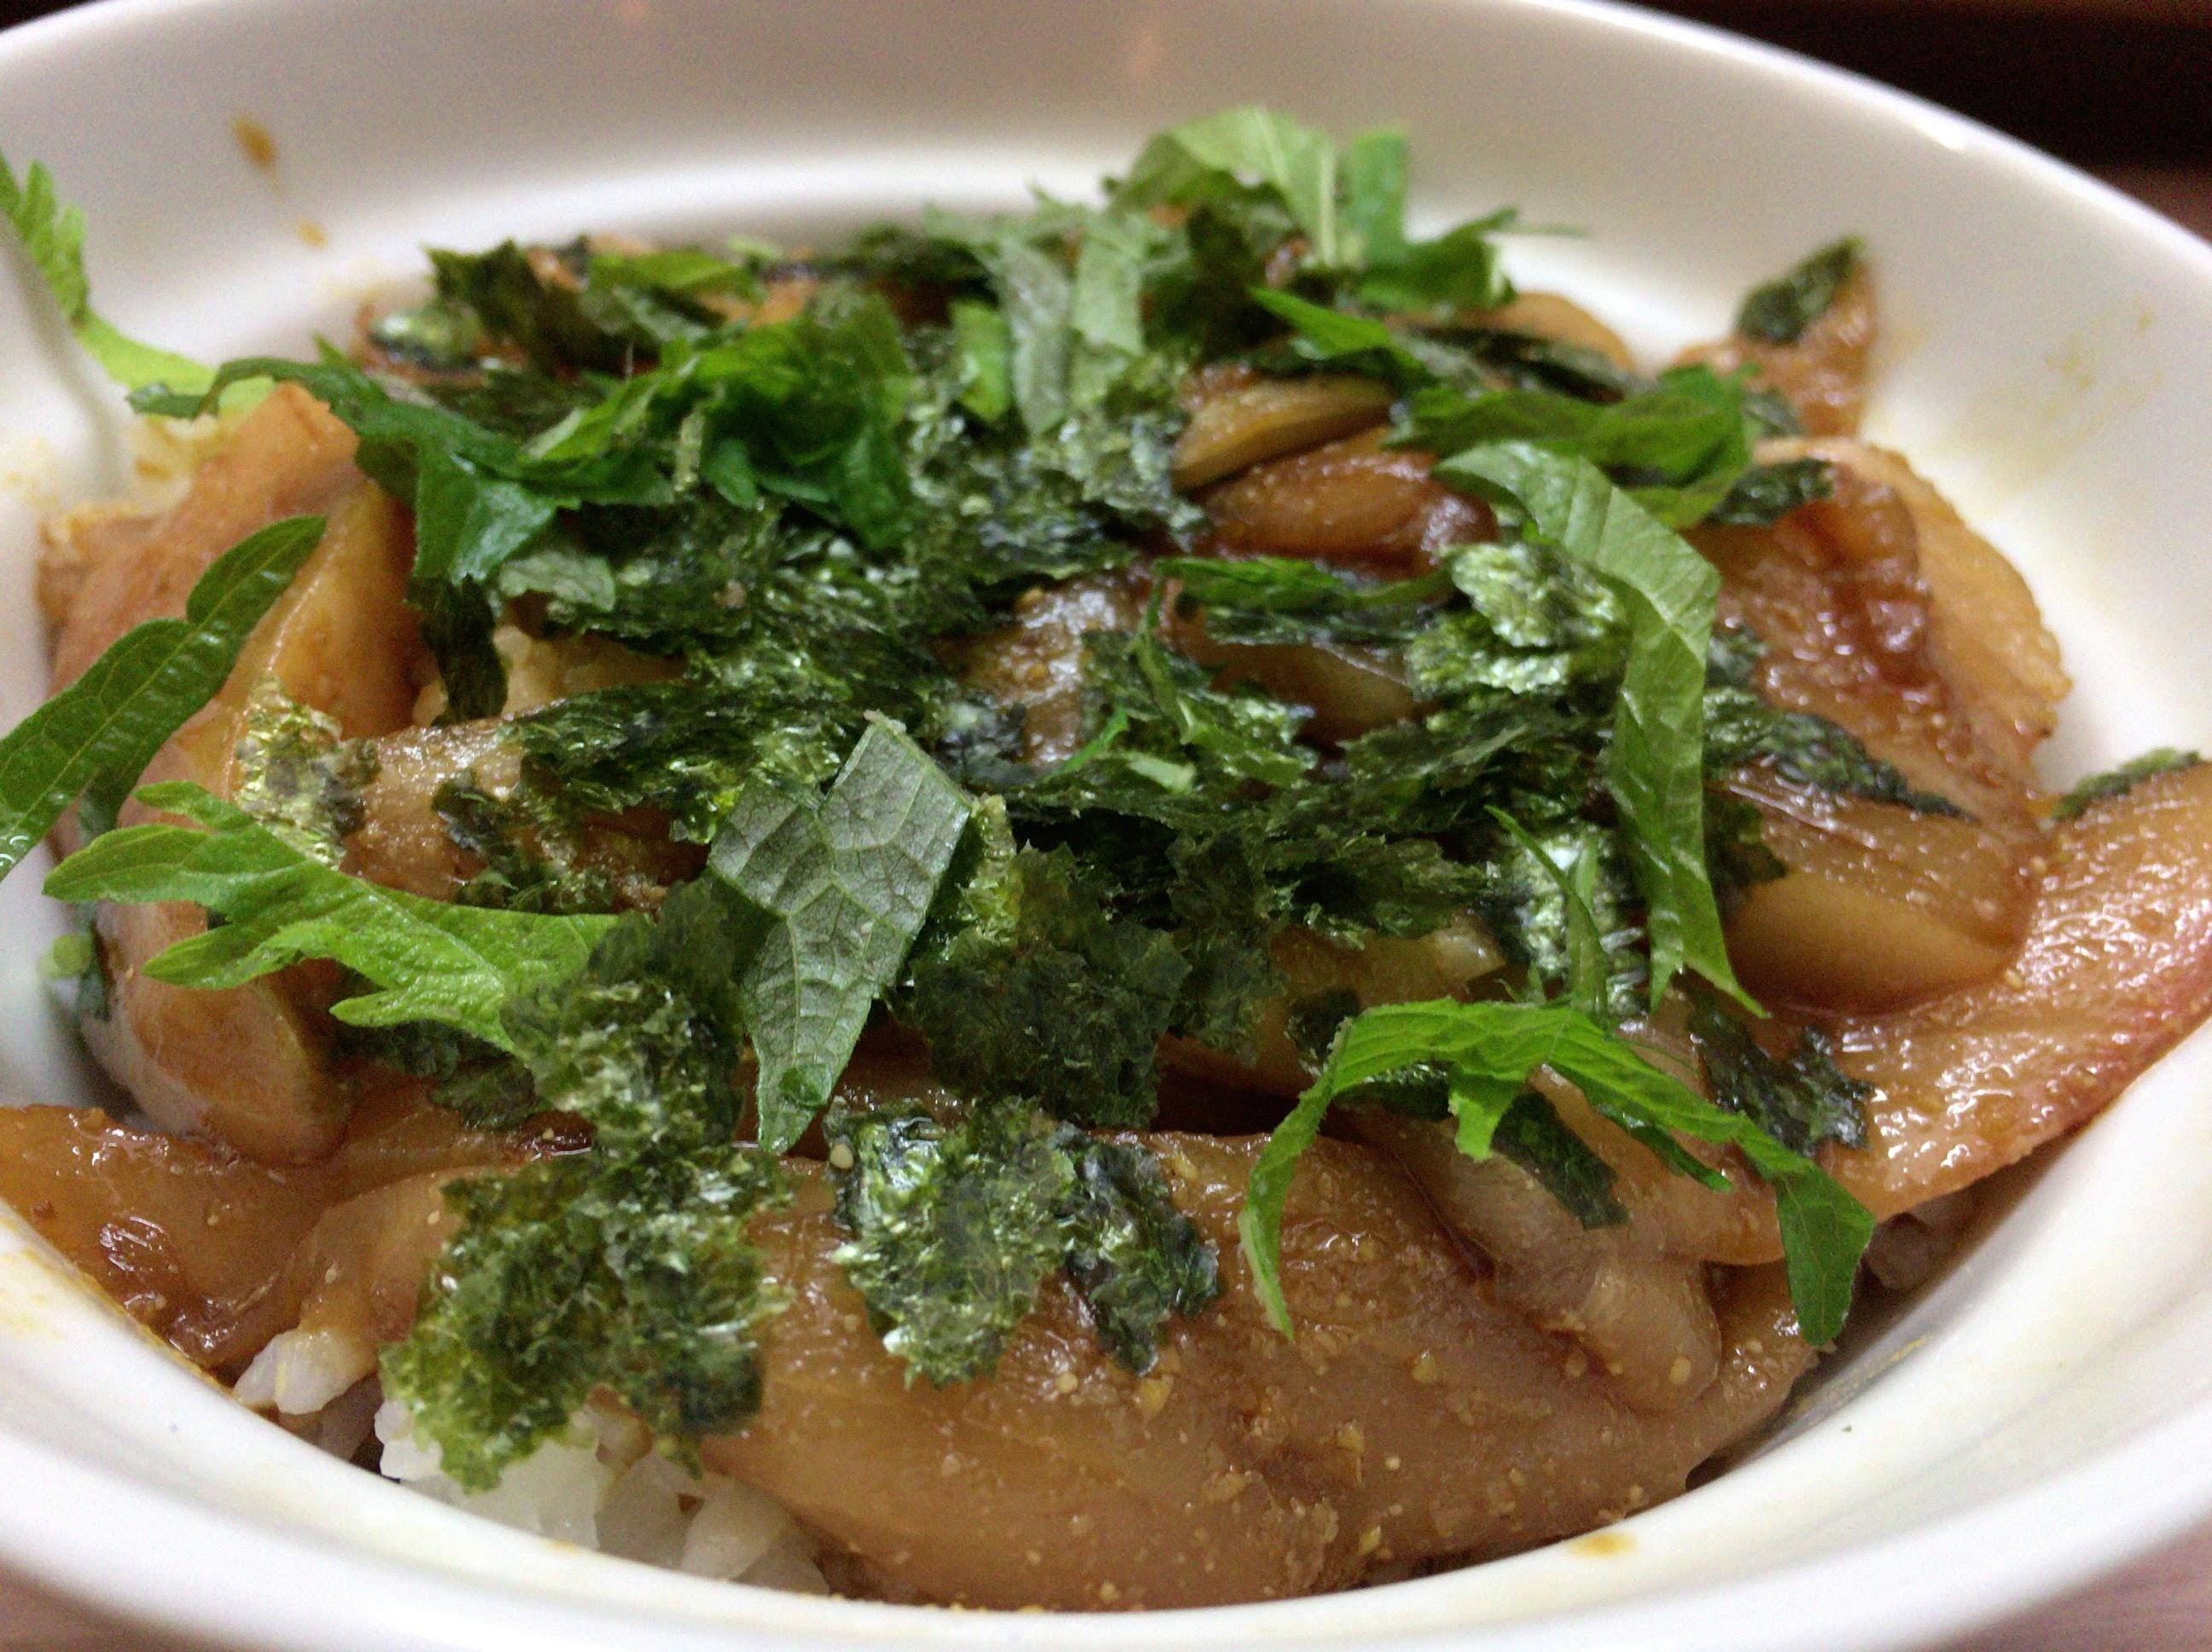 「竹浜」旬の鰆丼を岡山駅前にて、丼とお茶漬けの2種類で味わう。レトロすぎる店内に落ち着きを感じたひとときでした